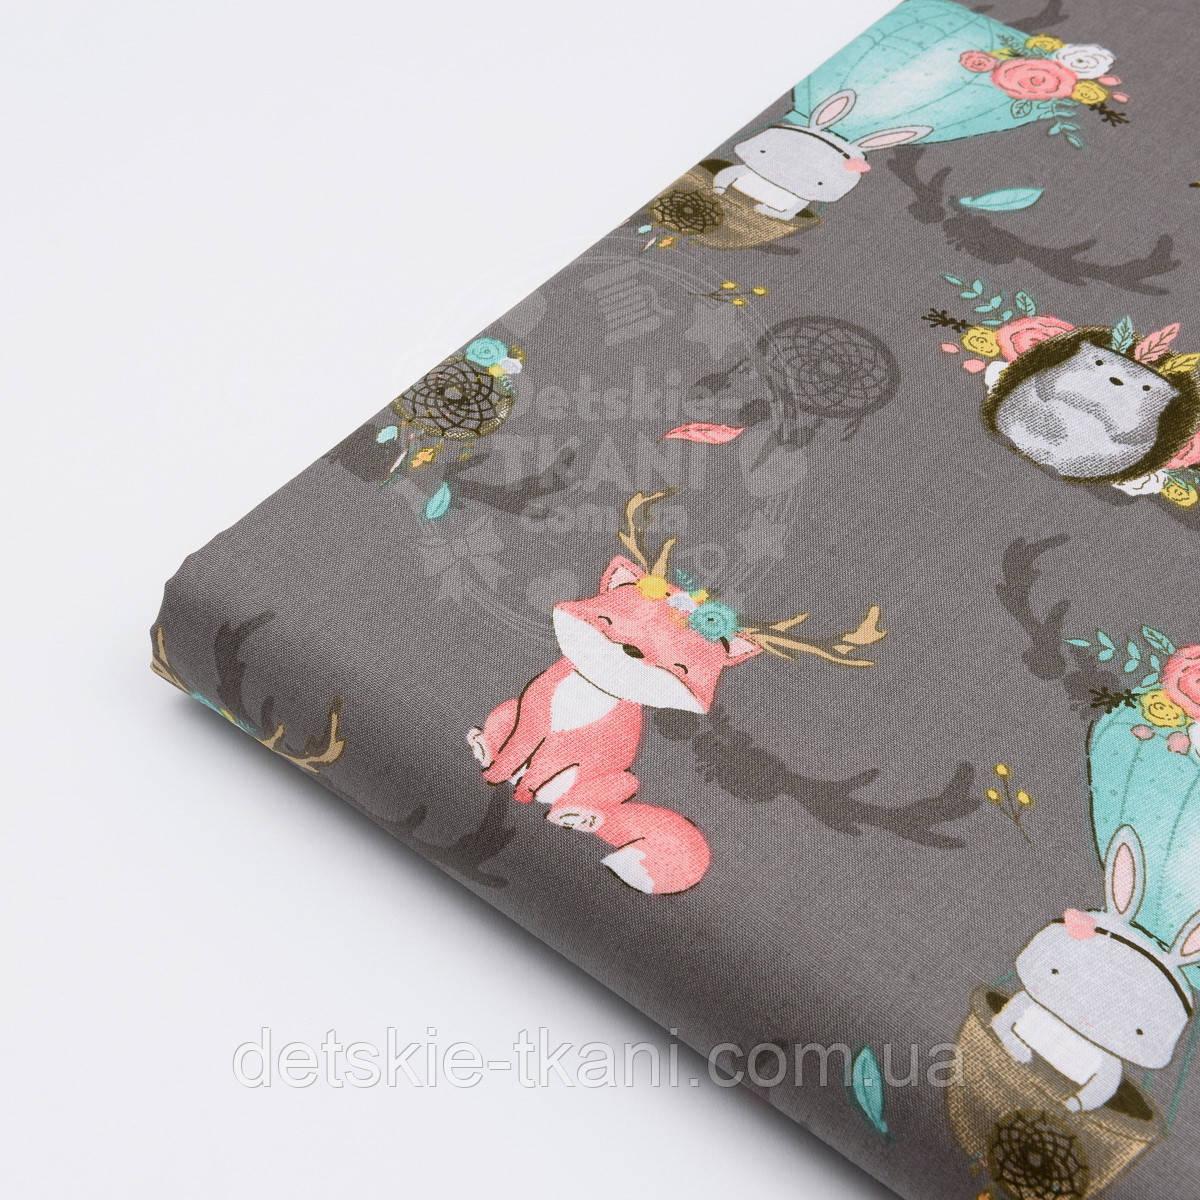 """Лоскут ткани """"Лисички и рога оленя мятно-розового цвета"""" на сером фоне, № 1553а, размер 18*80 см"""